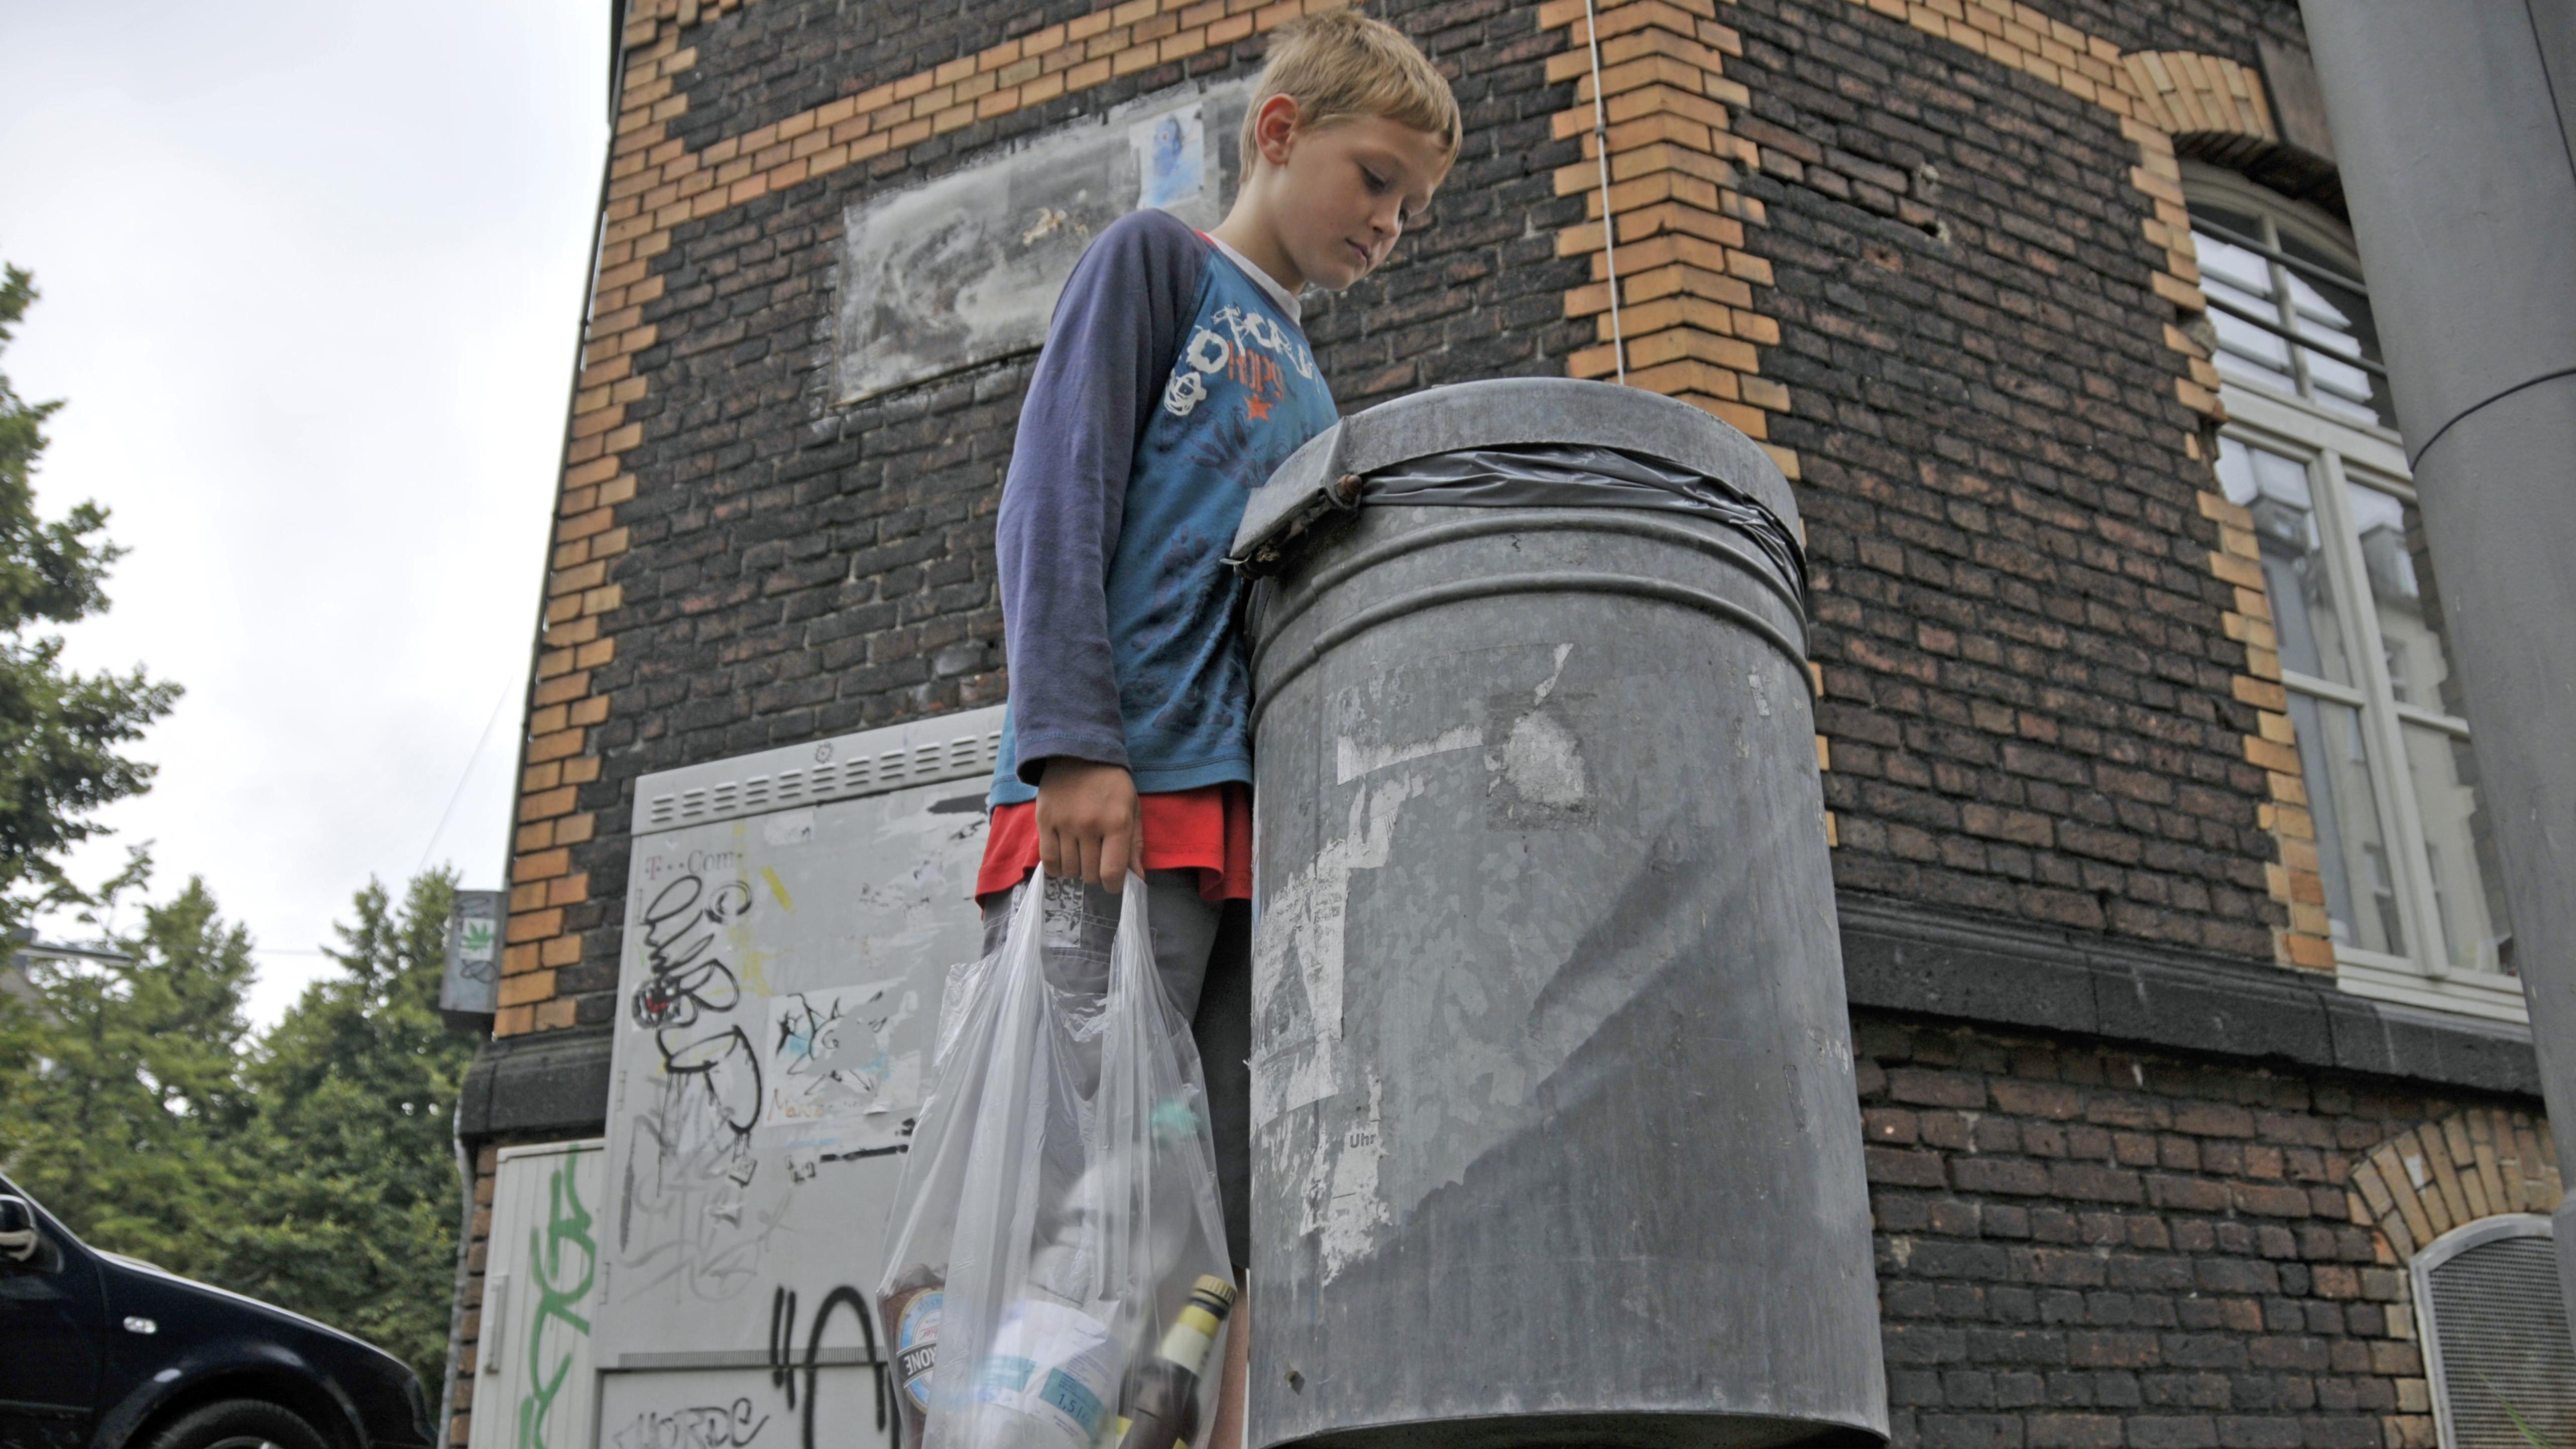 Ein neunjähriger Junge verdient sein Taschengeld durch Sammeln von Pfandflaschen